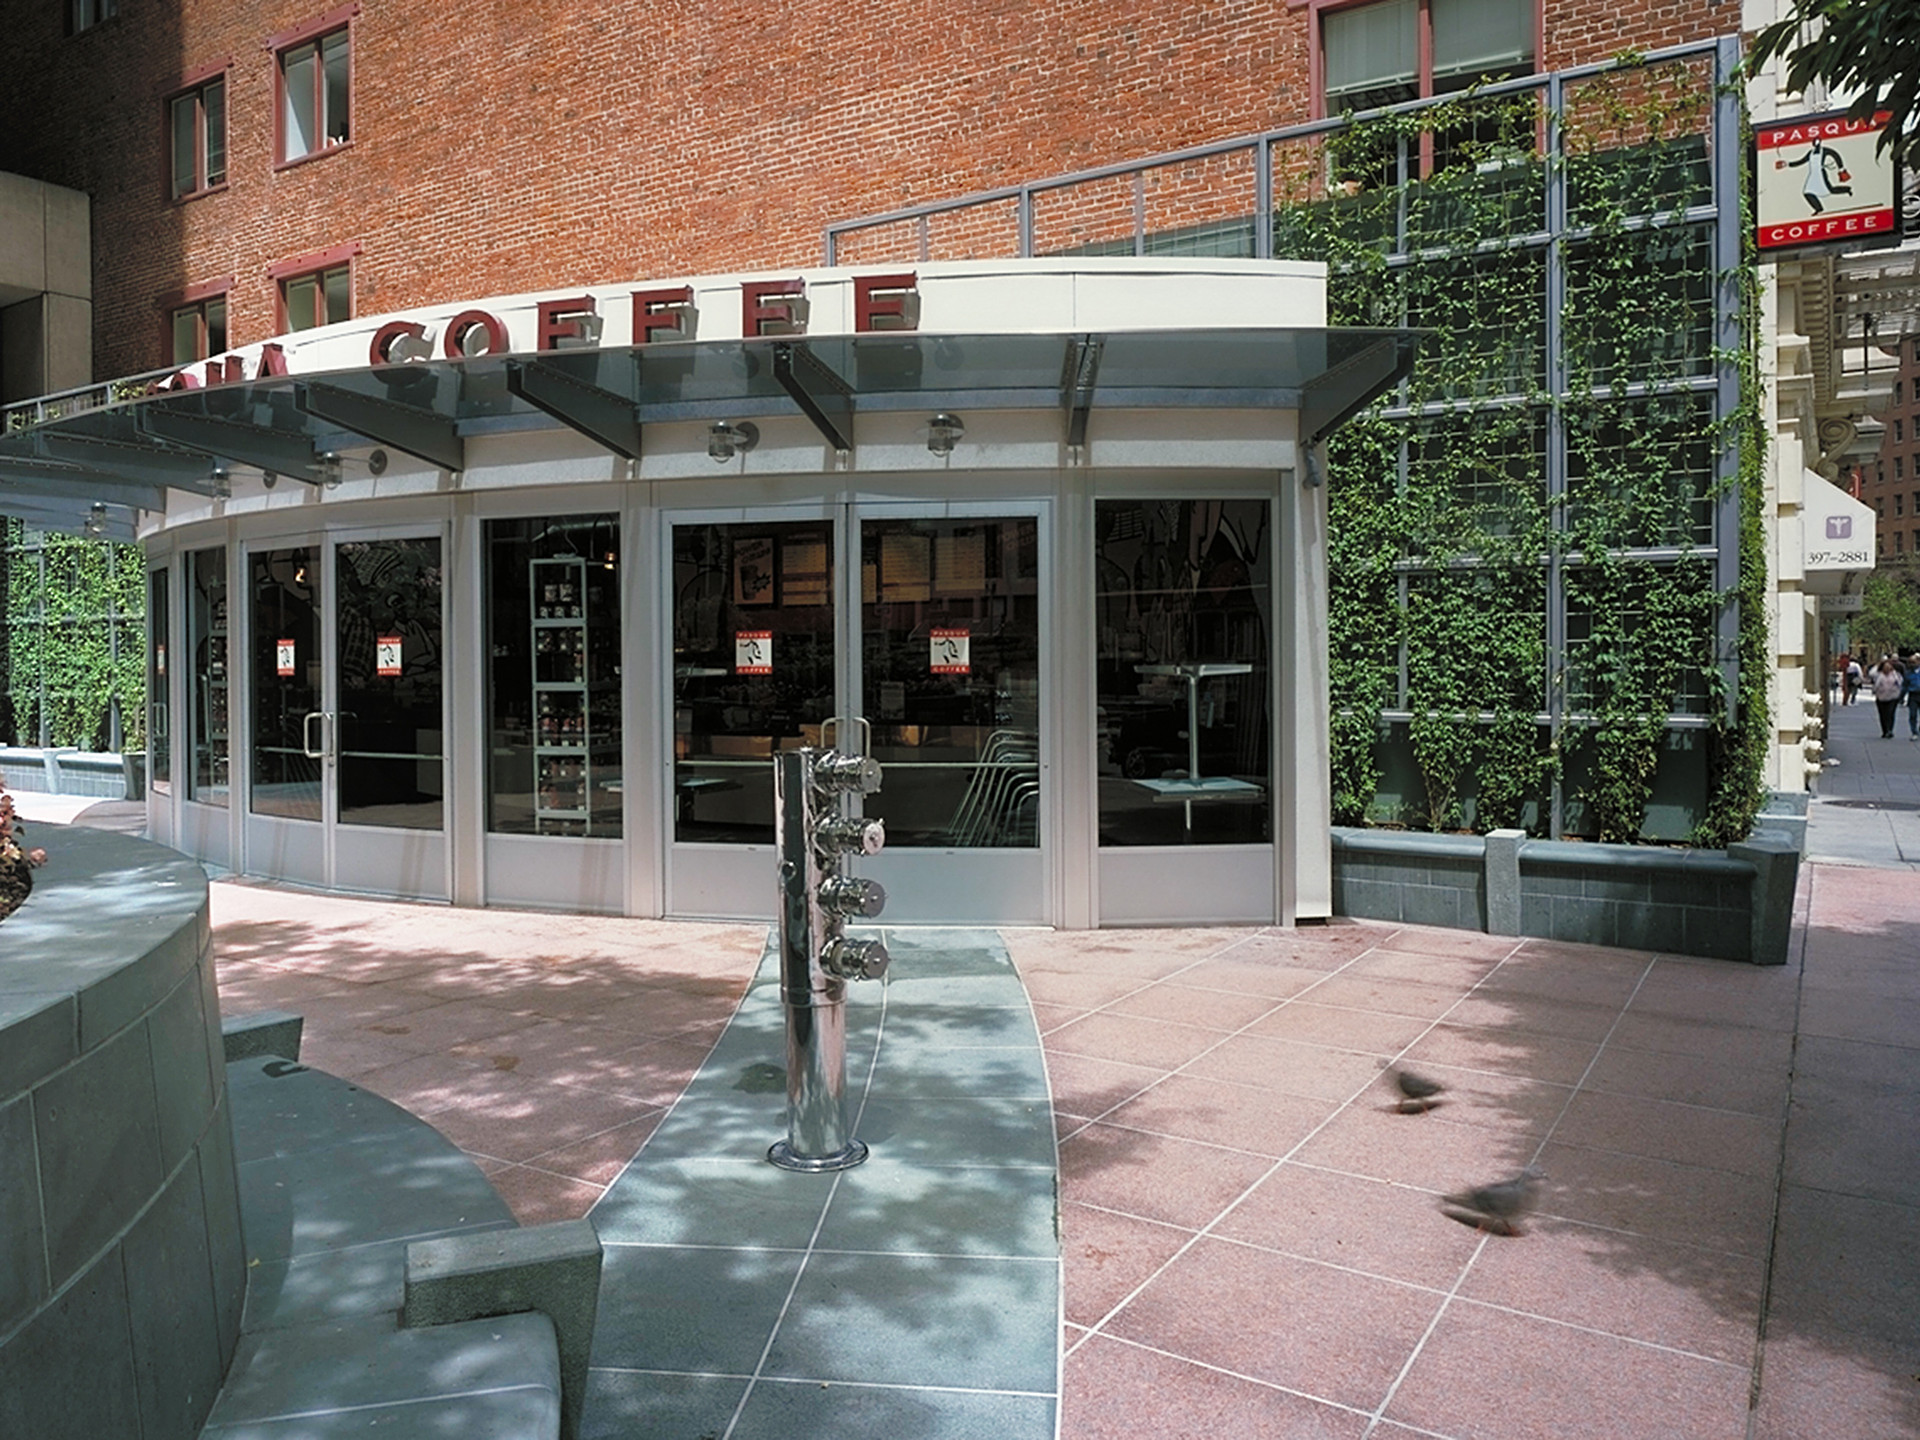 Pasqua Coffee Shop